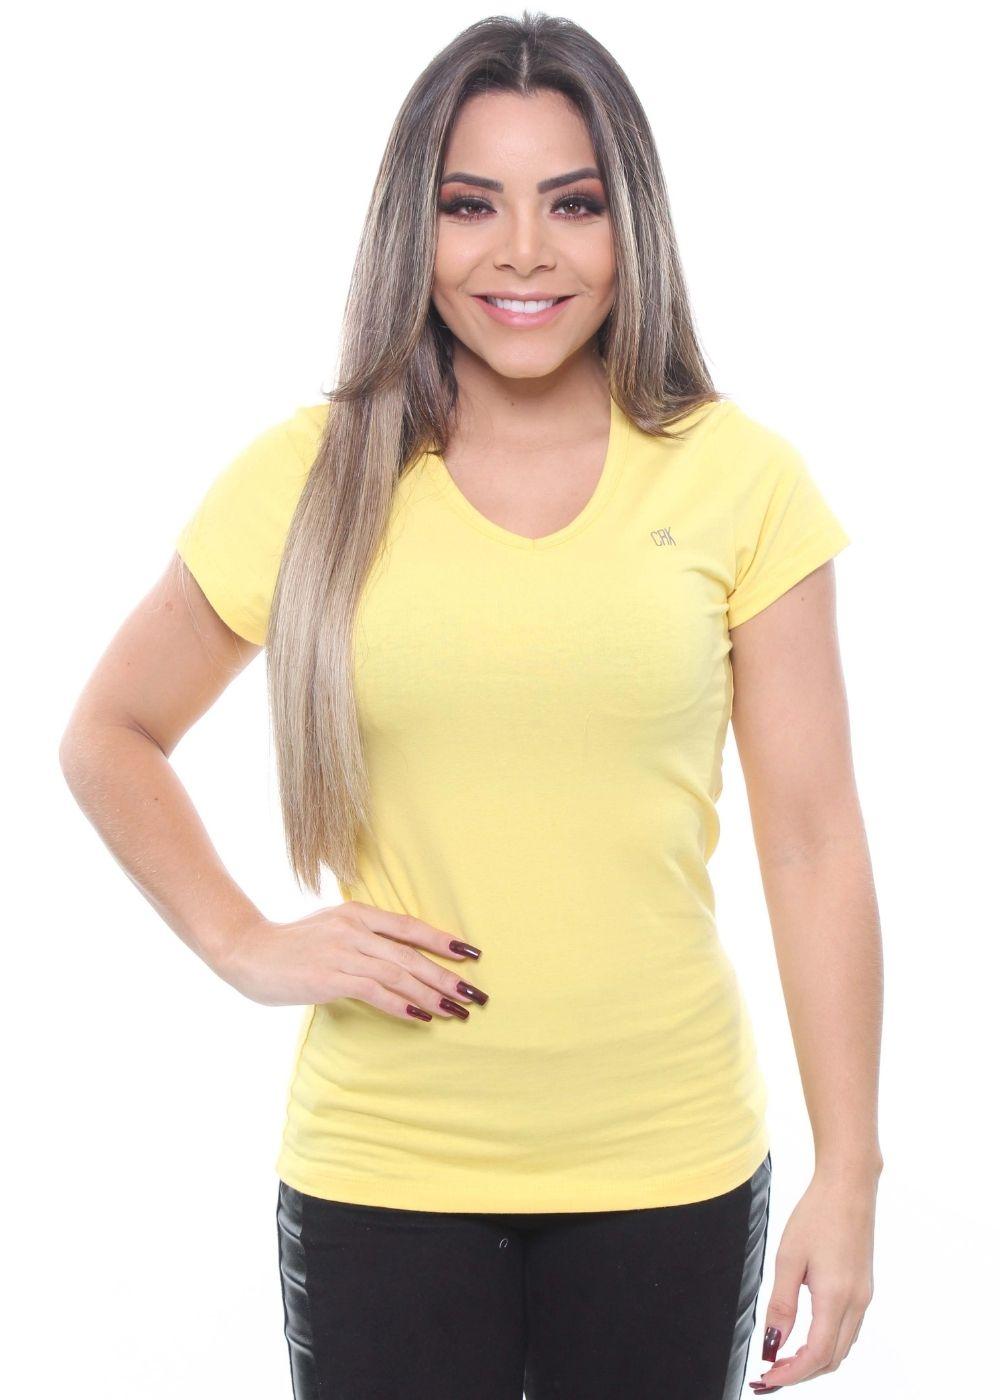 Baby Look Básica Feminina Crocker - 47721